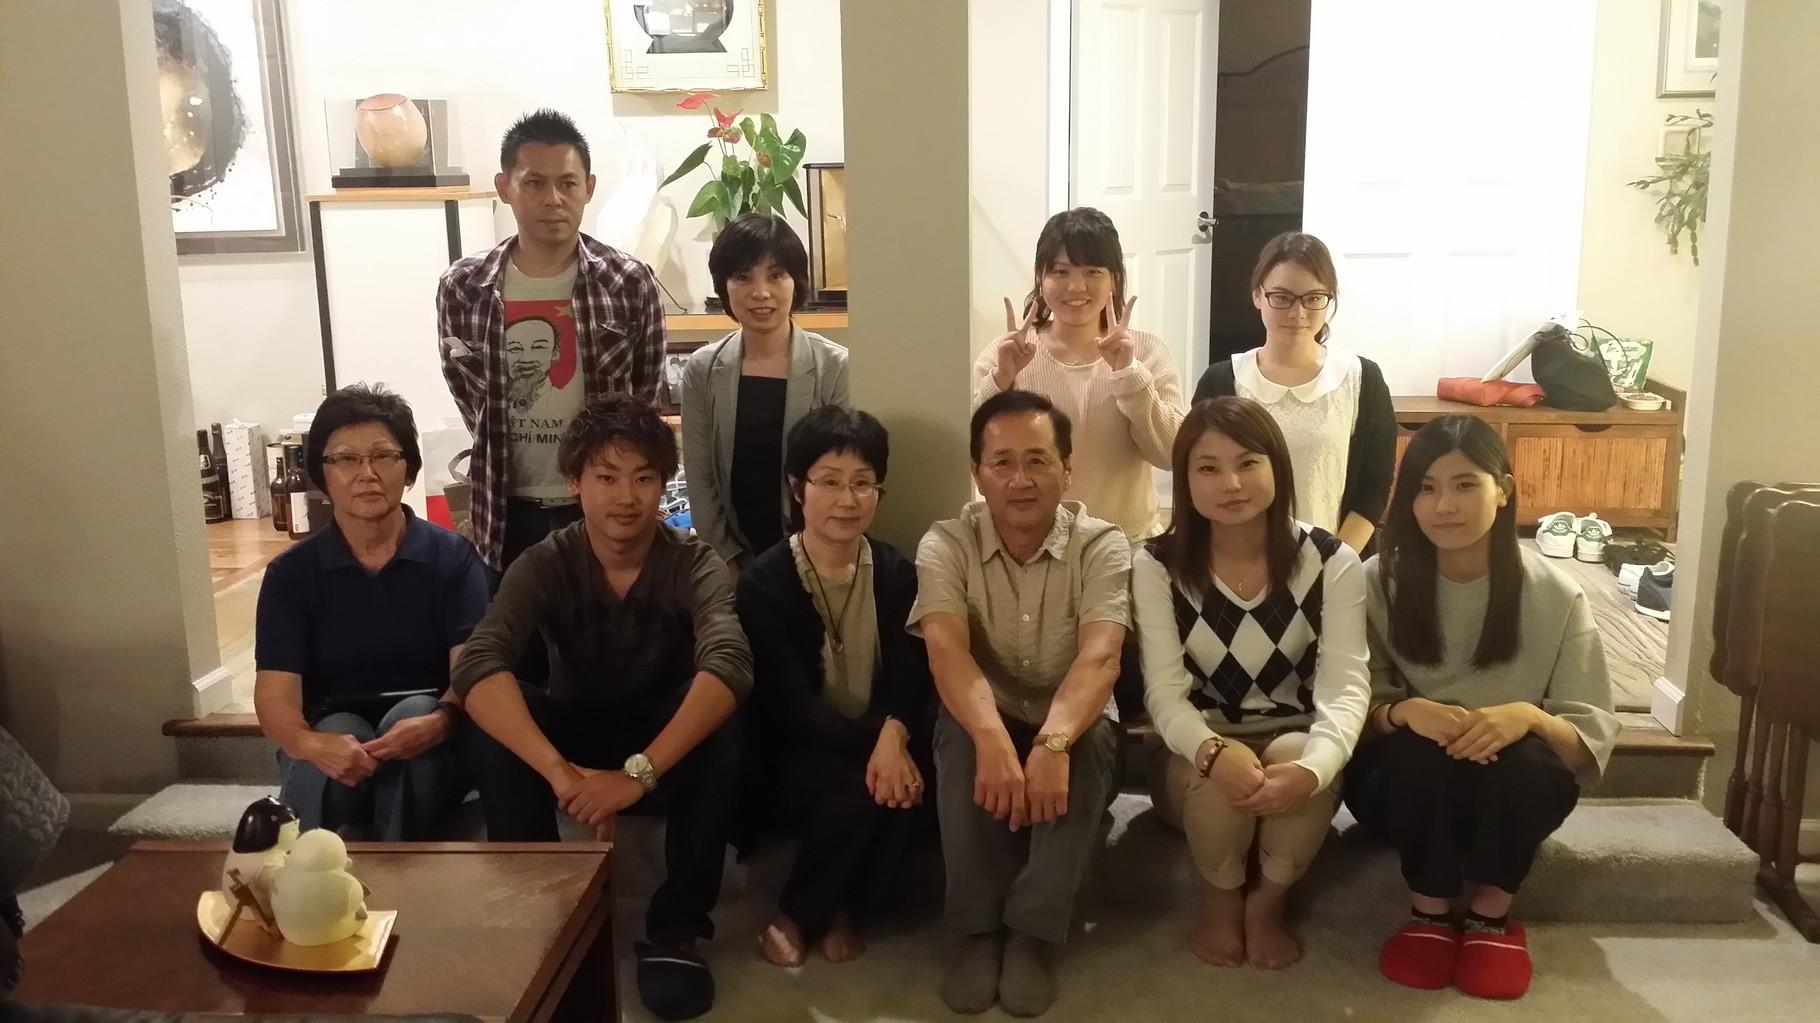 9月12日 玉井宅にて夕食後末次副会長の講演が終わった後。 玉井会長提供